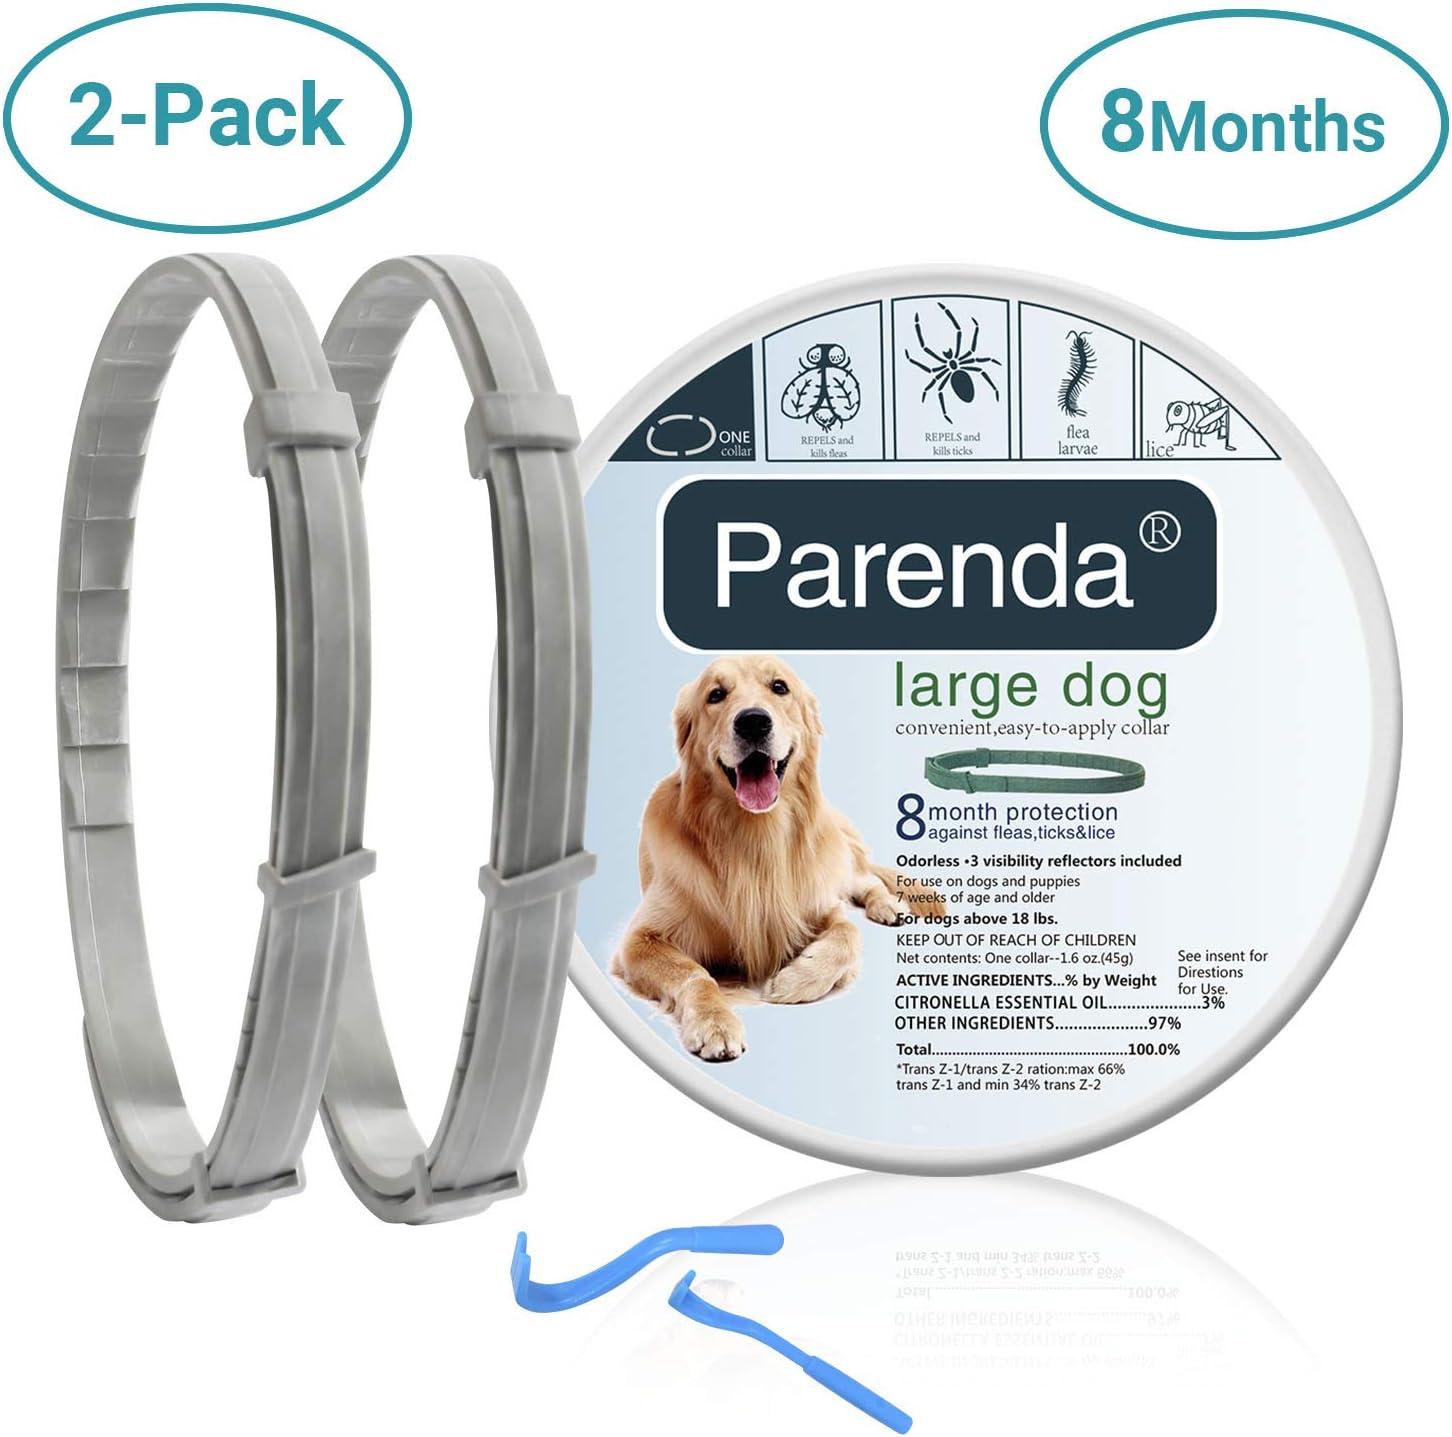 Parenda Dog Flea and Tick Collar review